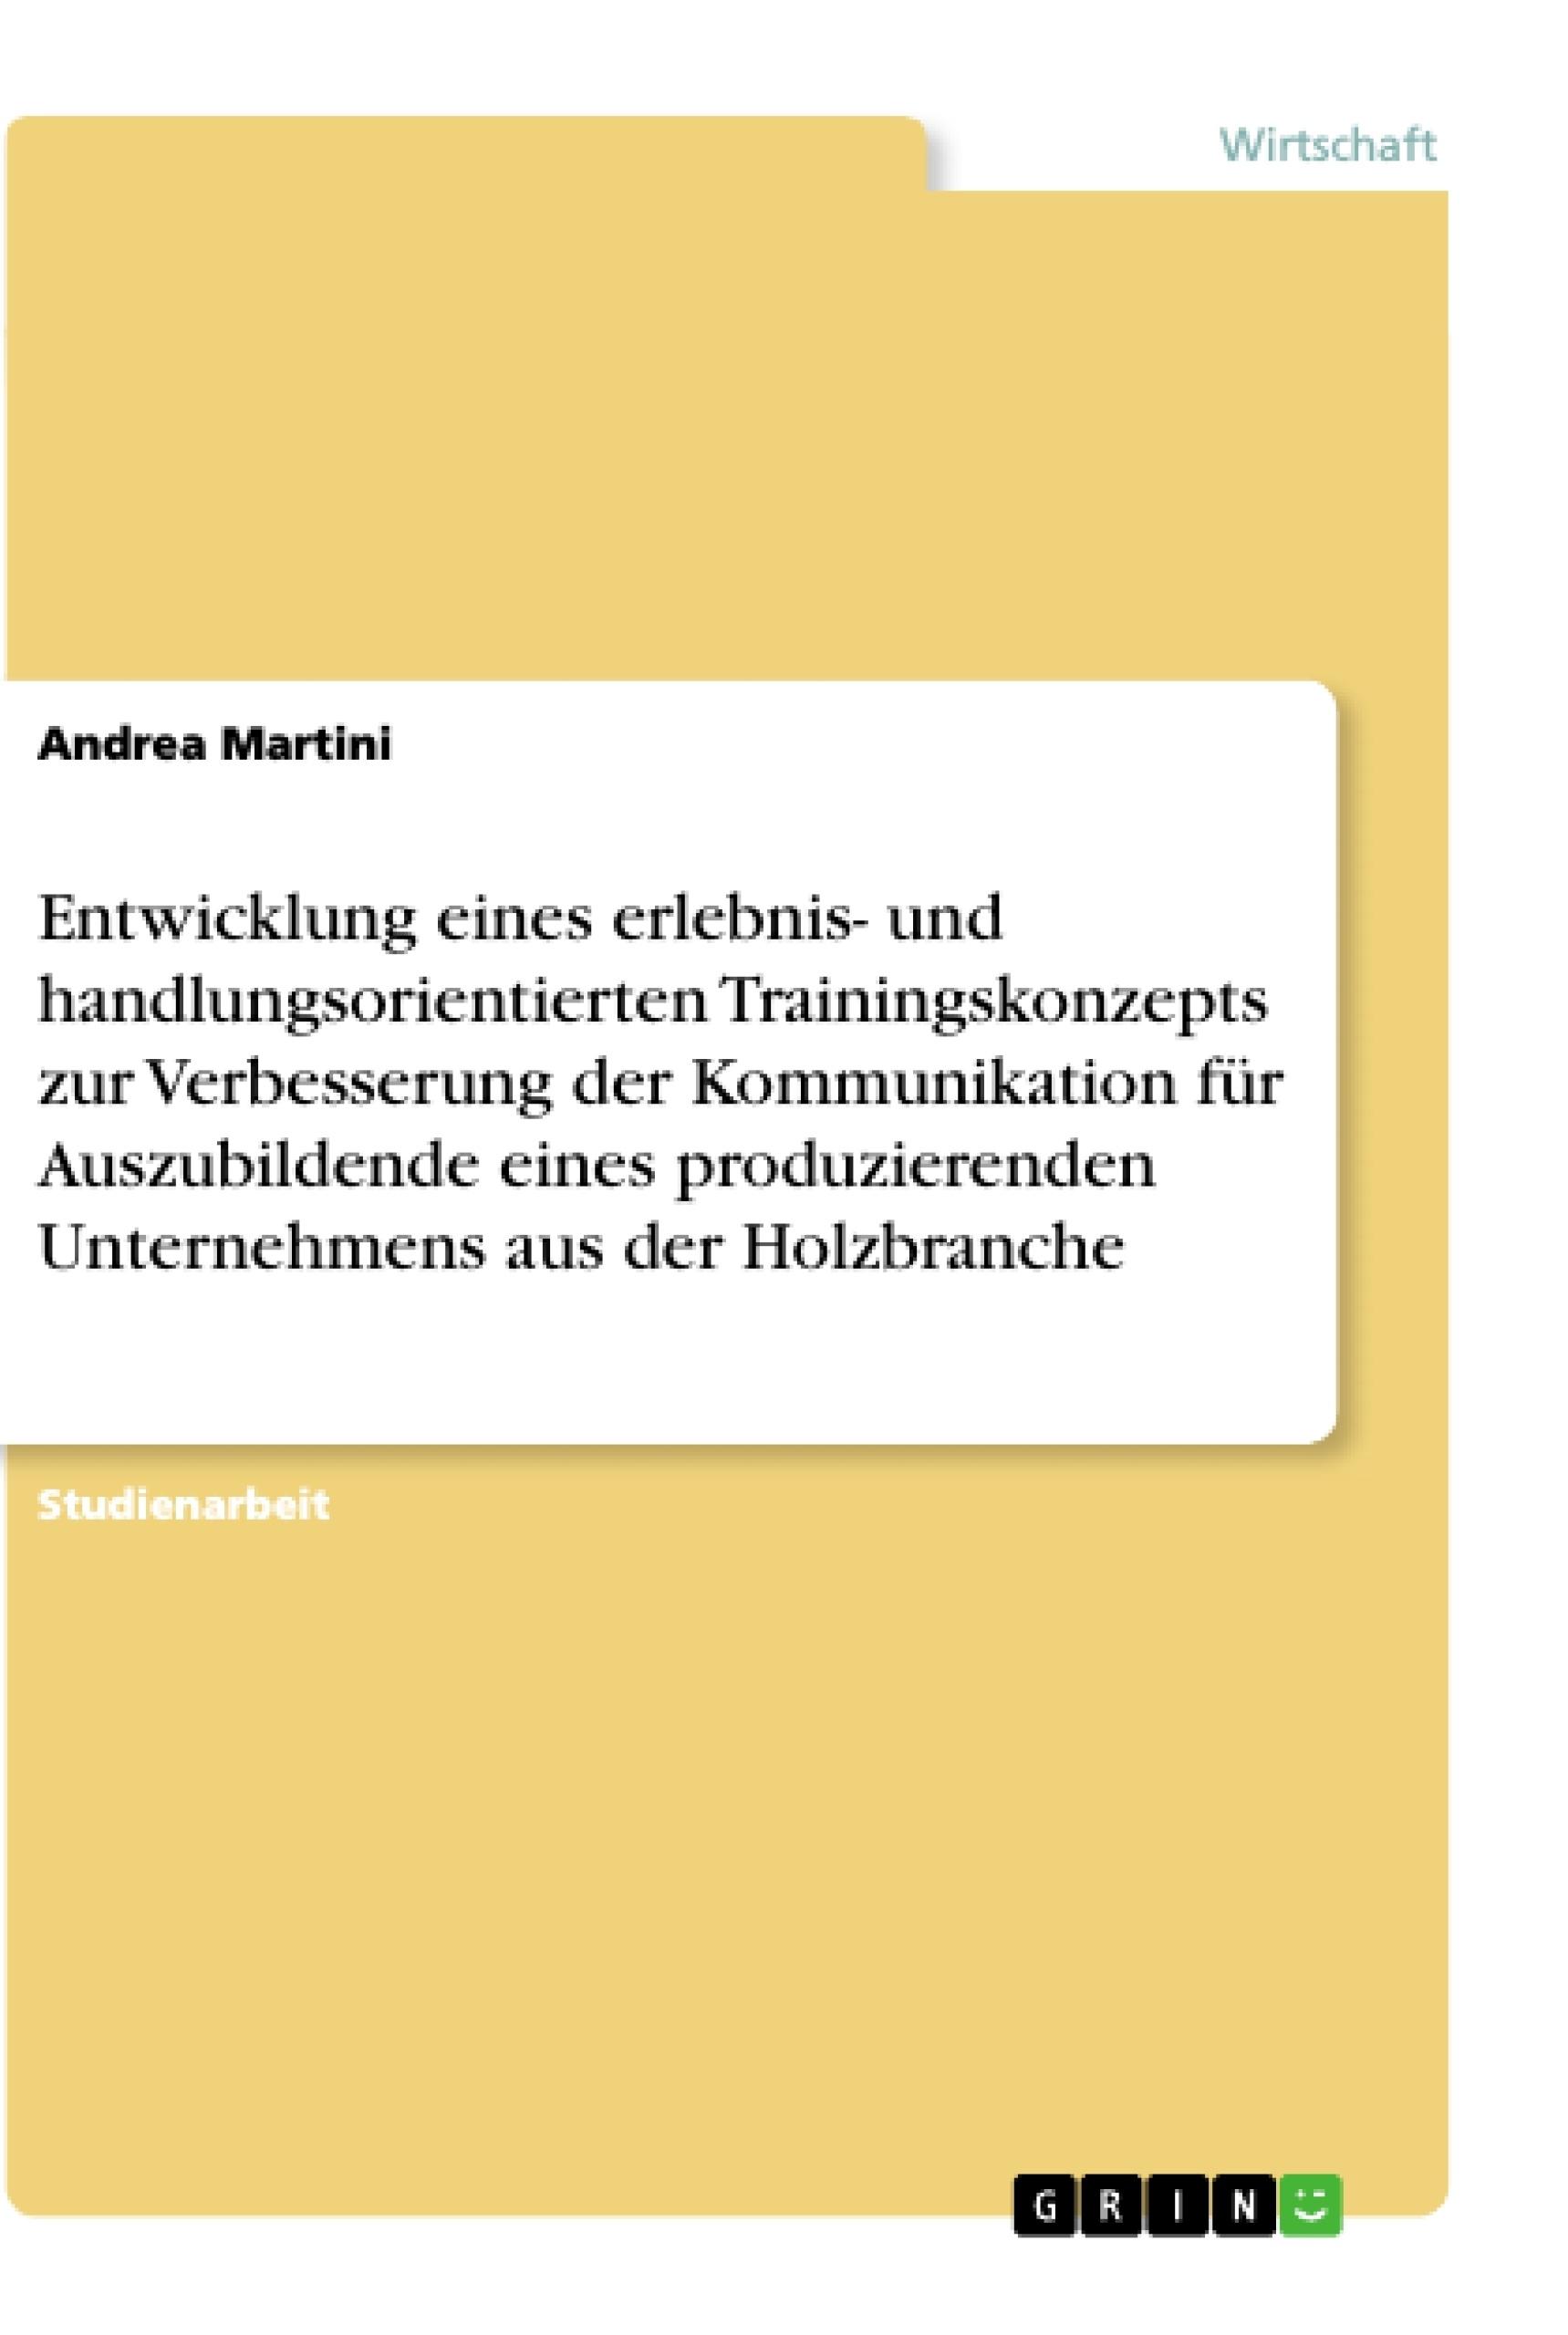 Titel: Entwicklung eines erlebnis- und handlungsorientierten Trainingskonzepts zur Verbesserung der Kommunikation für Auszubildende eines produzierenden Unternehmens aus der Holzbranche